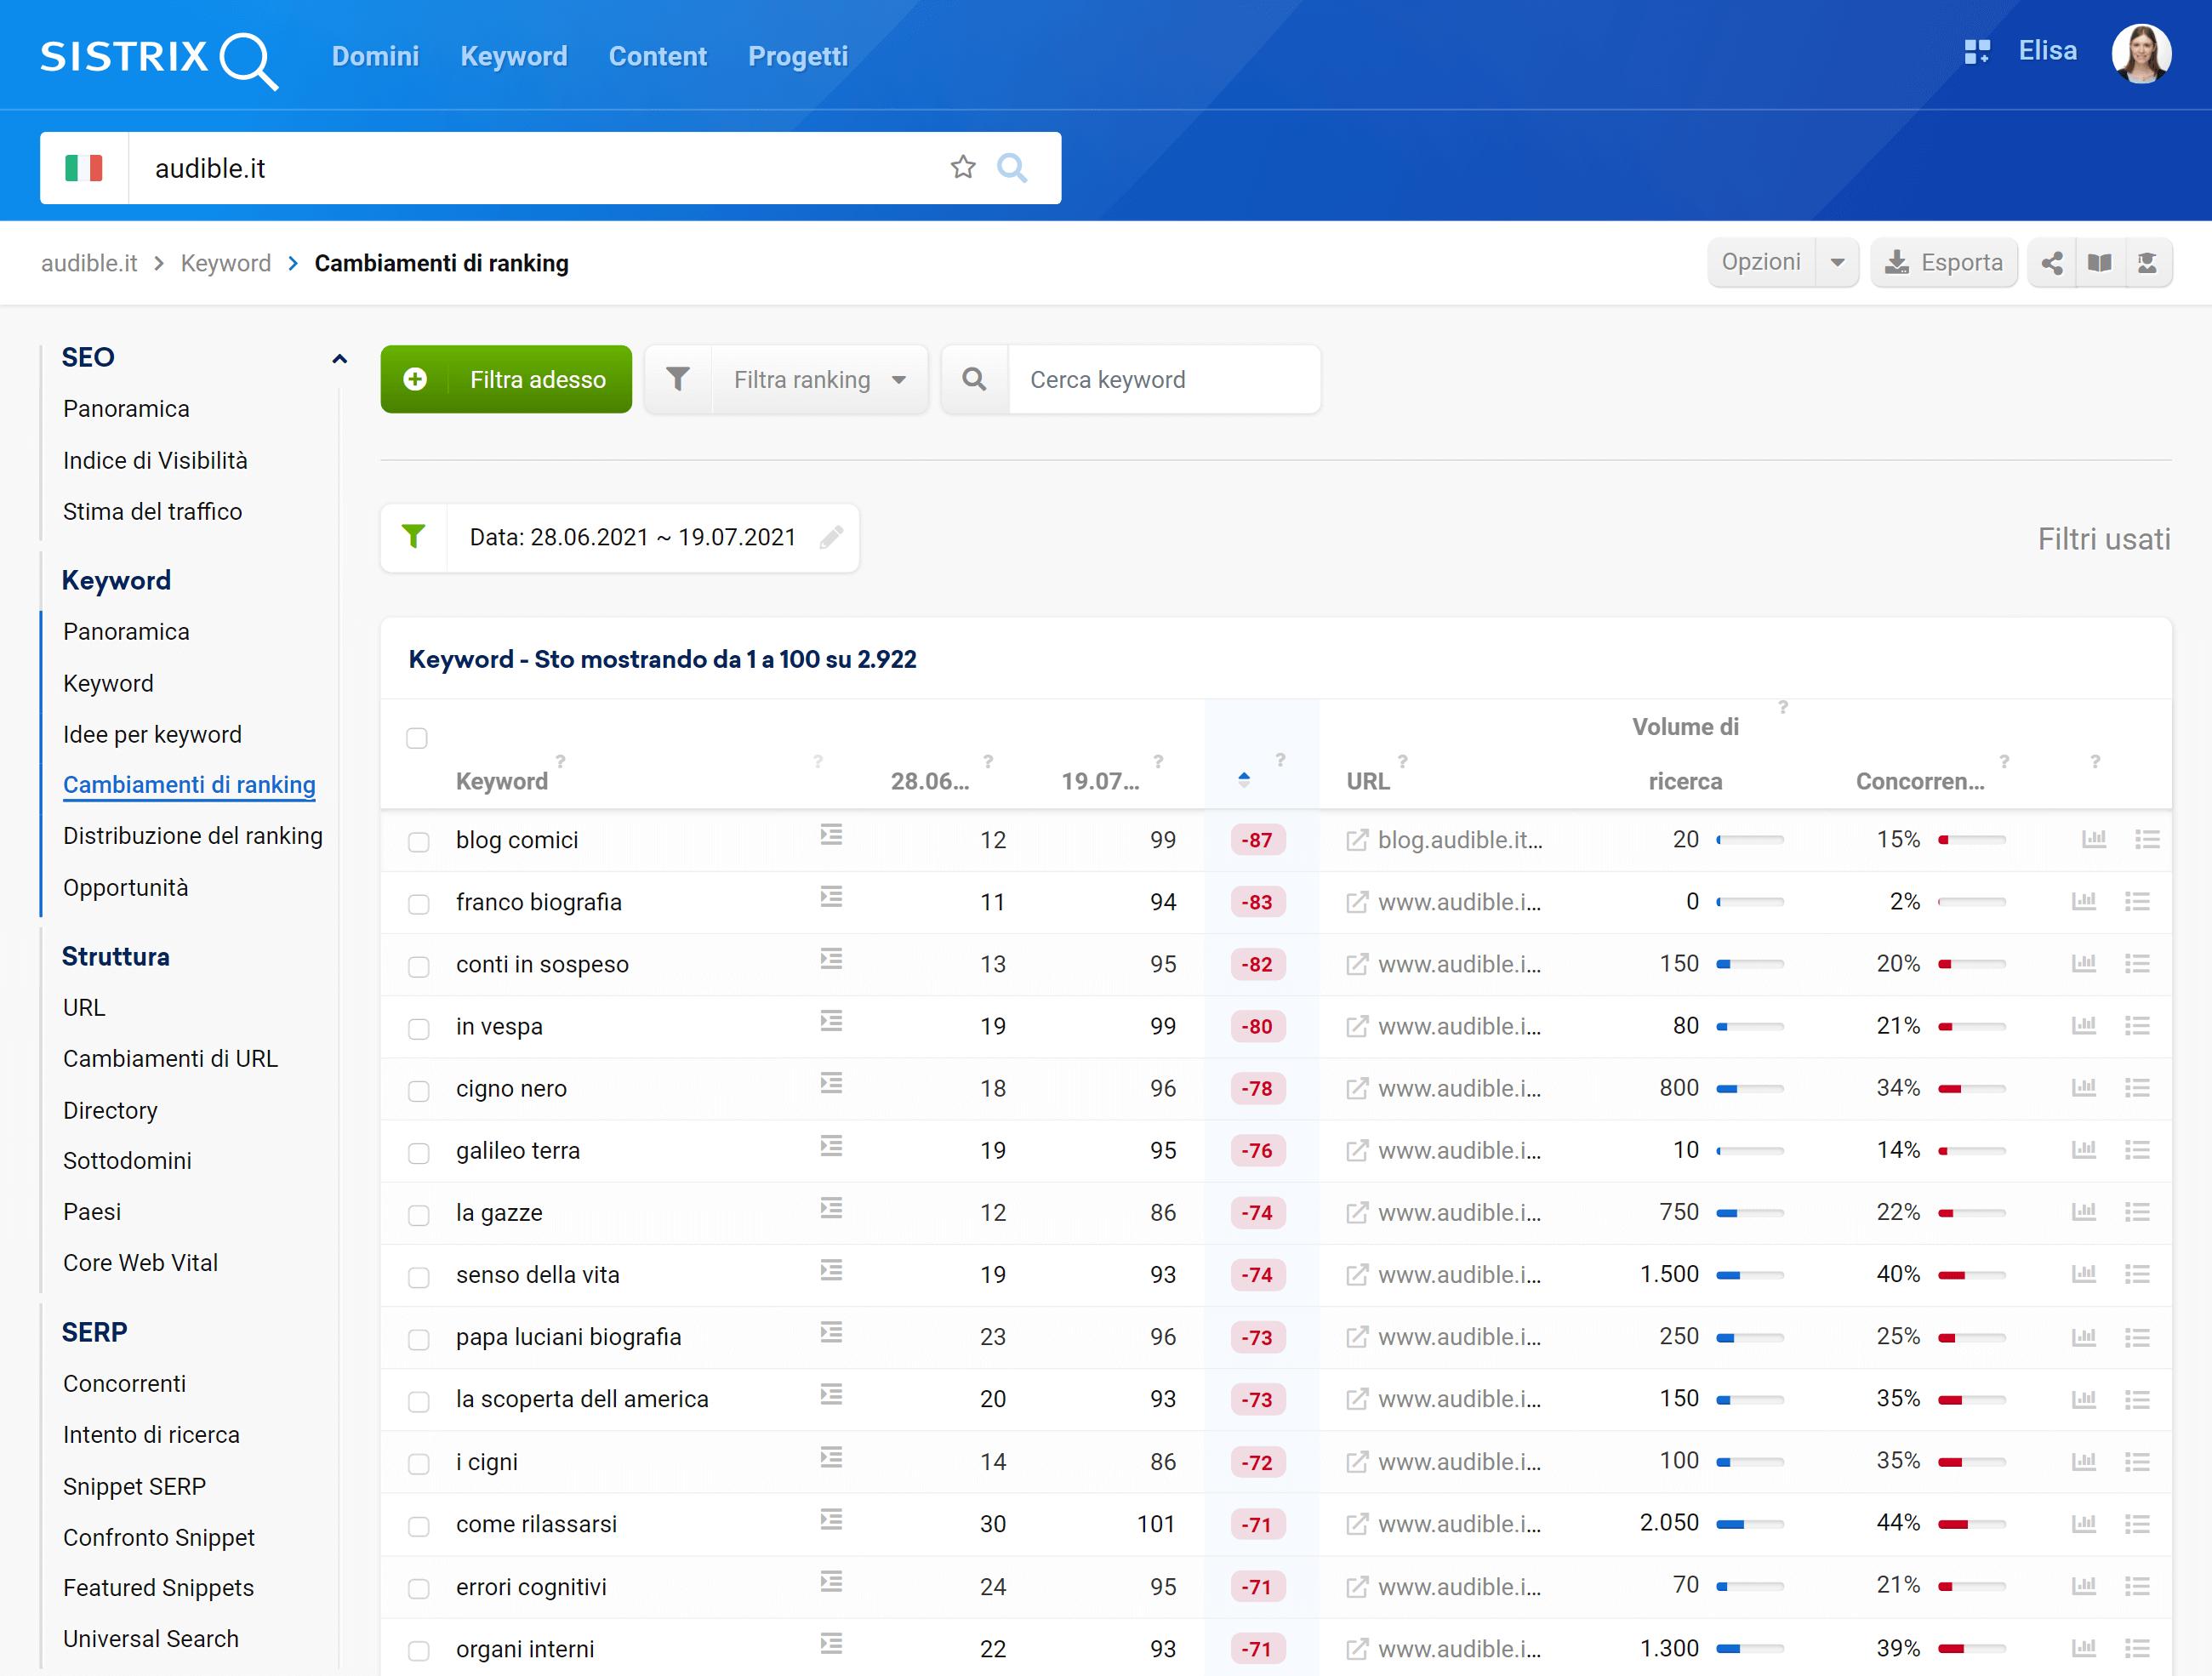 Ranking peggiorati di audible.it (oltre la top10)